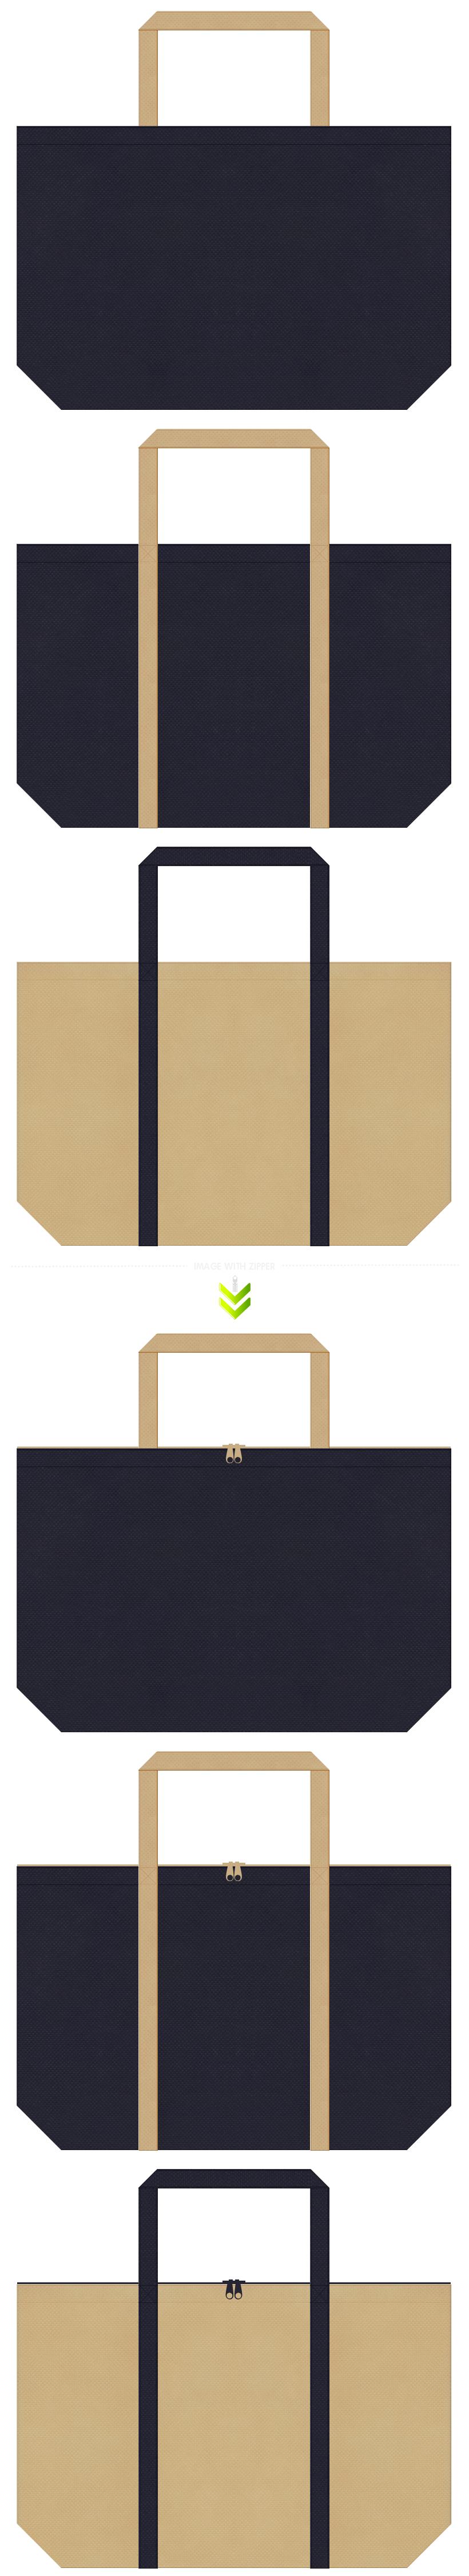 濃紺色とカーキ色の不織布エコバッグのデザイン。インディゴデニムのイメージで、カジュアルのショッピングバッグにお奨めです。